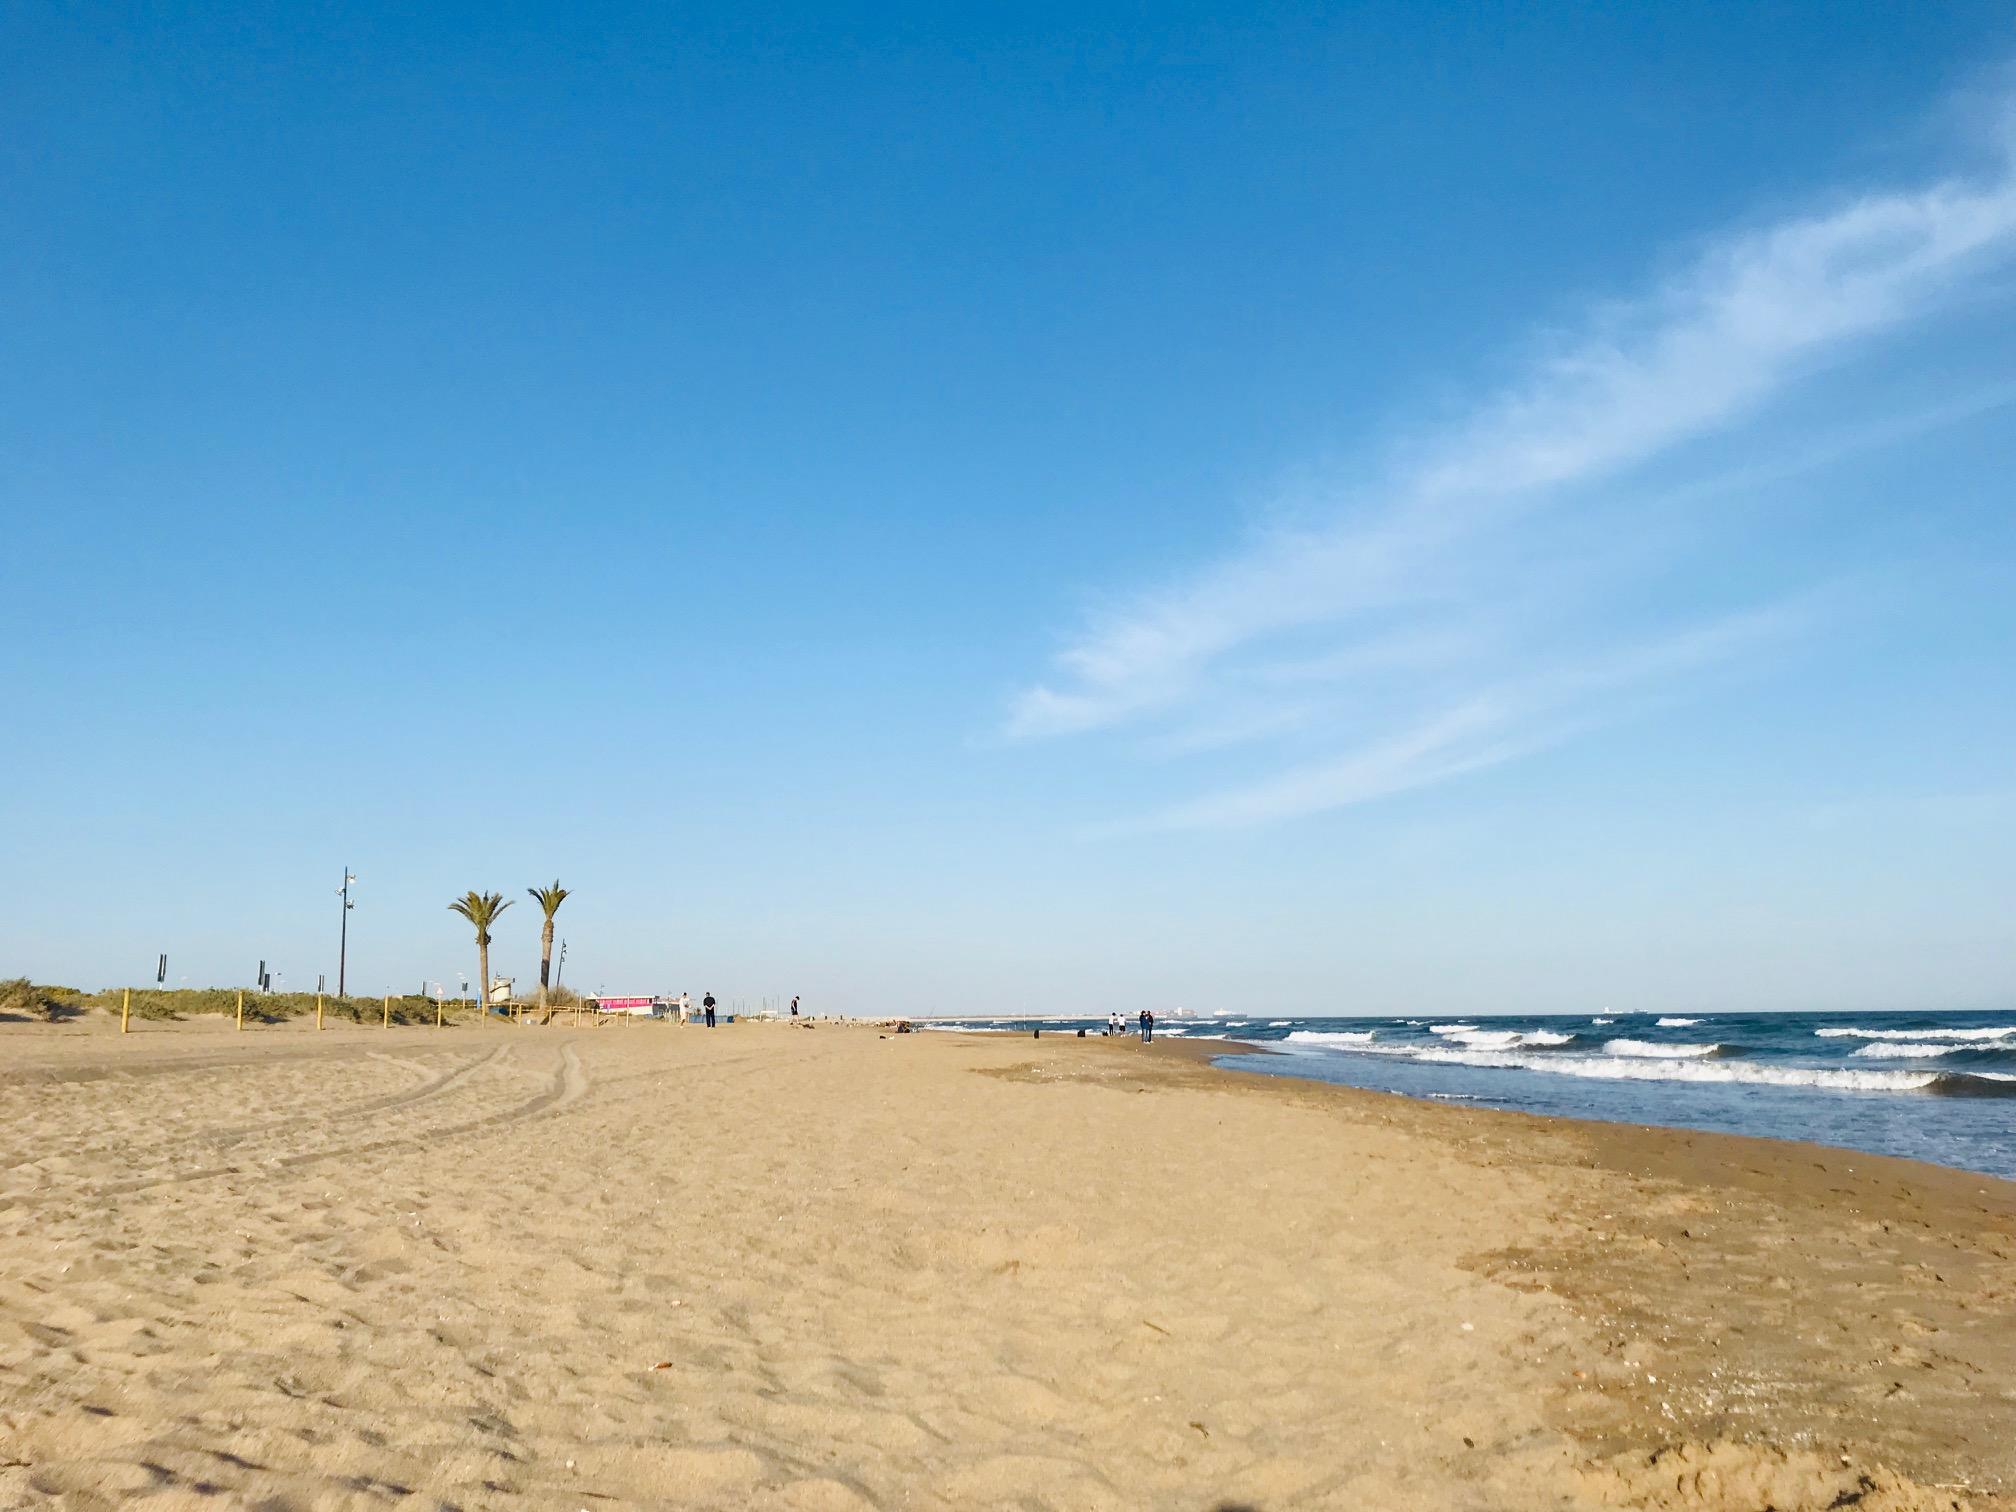 Playa virgen de Can Camins, El Prat de Llobregat